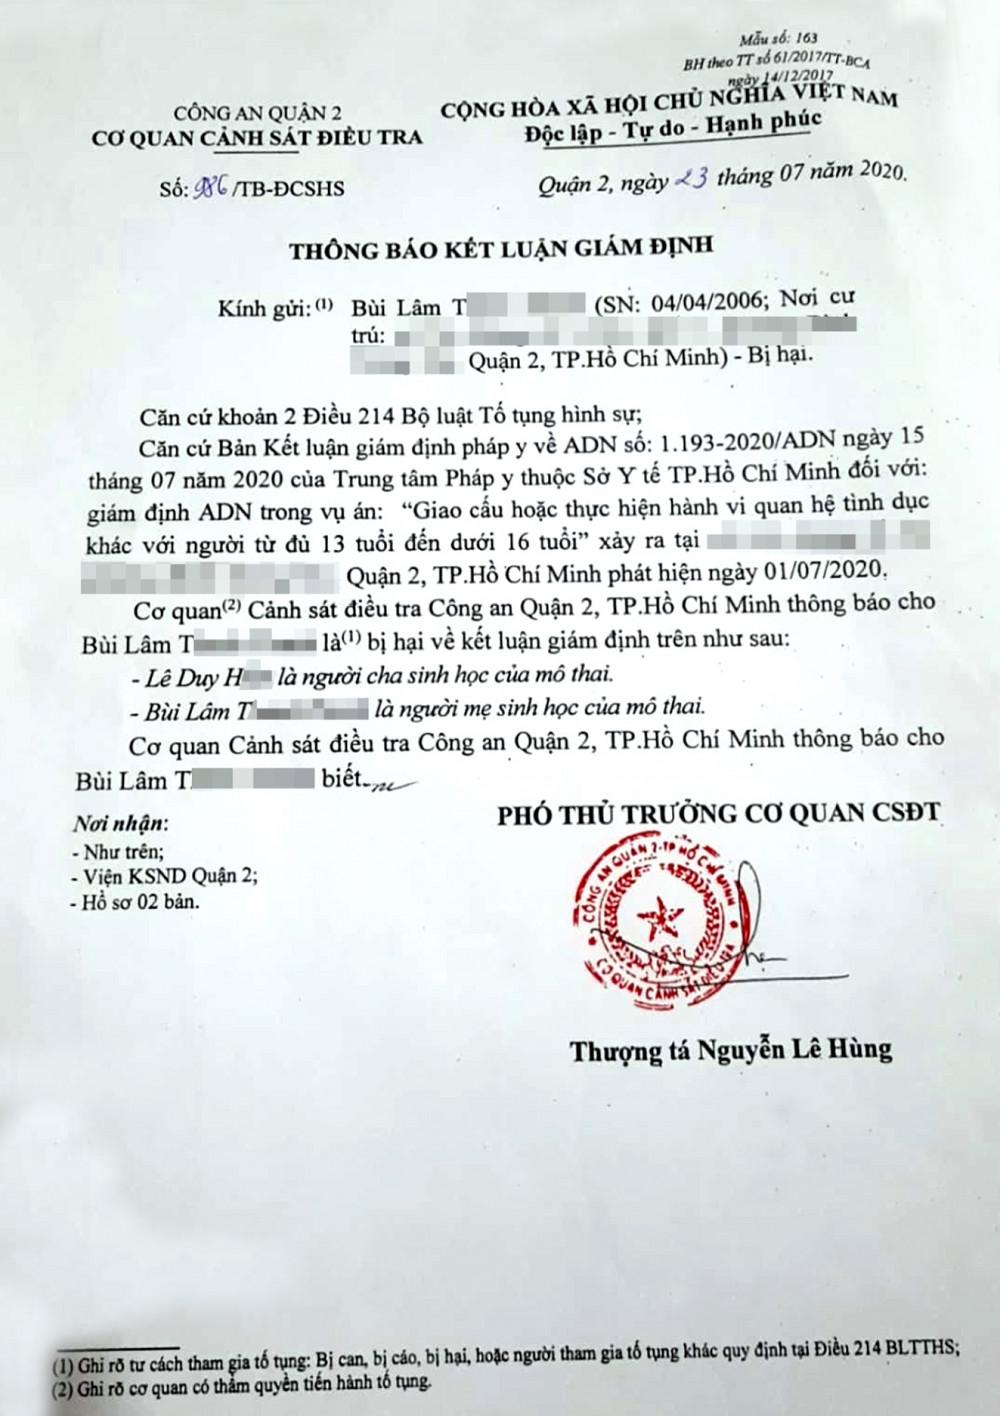 Kết quả giám định pháp y xác nhận Lê Duy H. là cha sinh học của mô thai mà bé T. đã mang